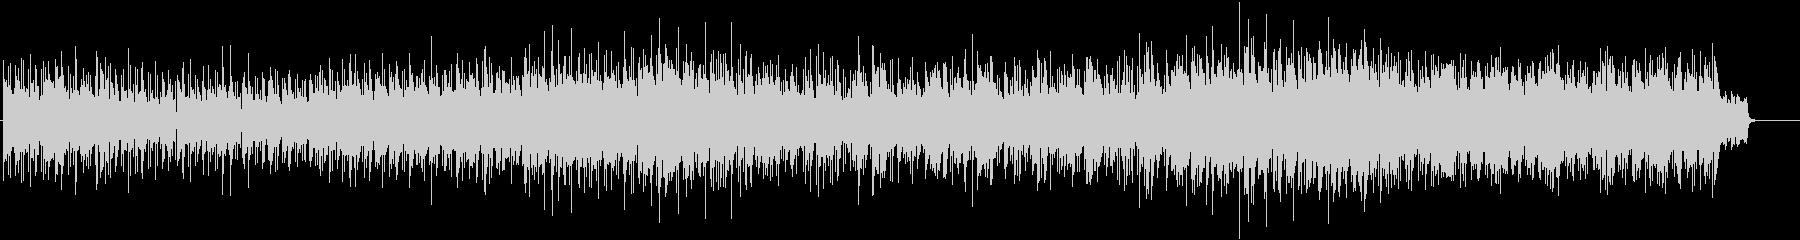 ブライトなボサノヴァ・ポップスの未再生の波形